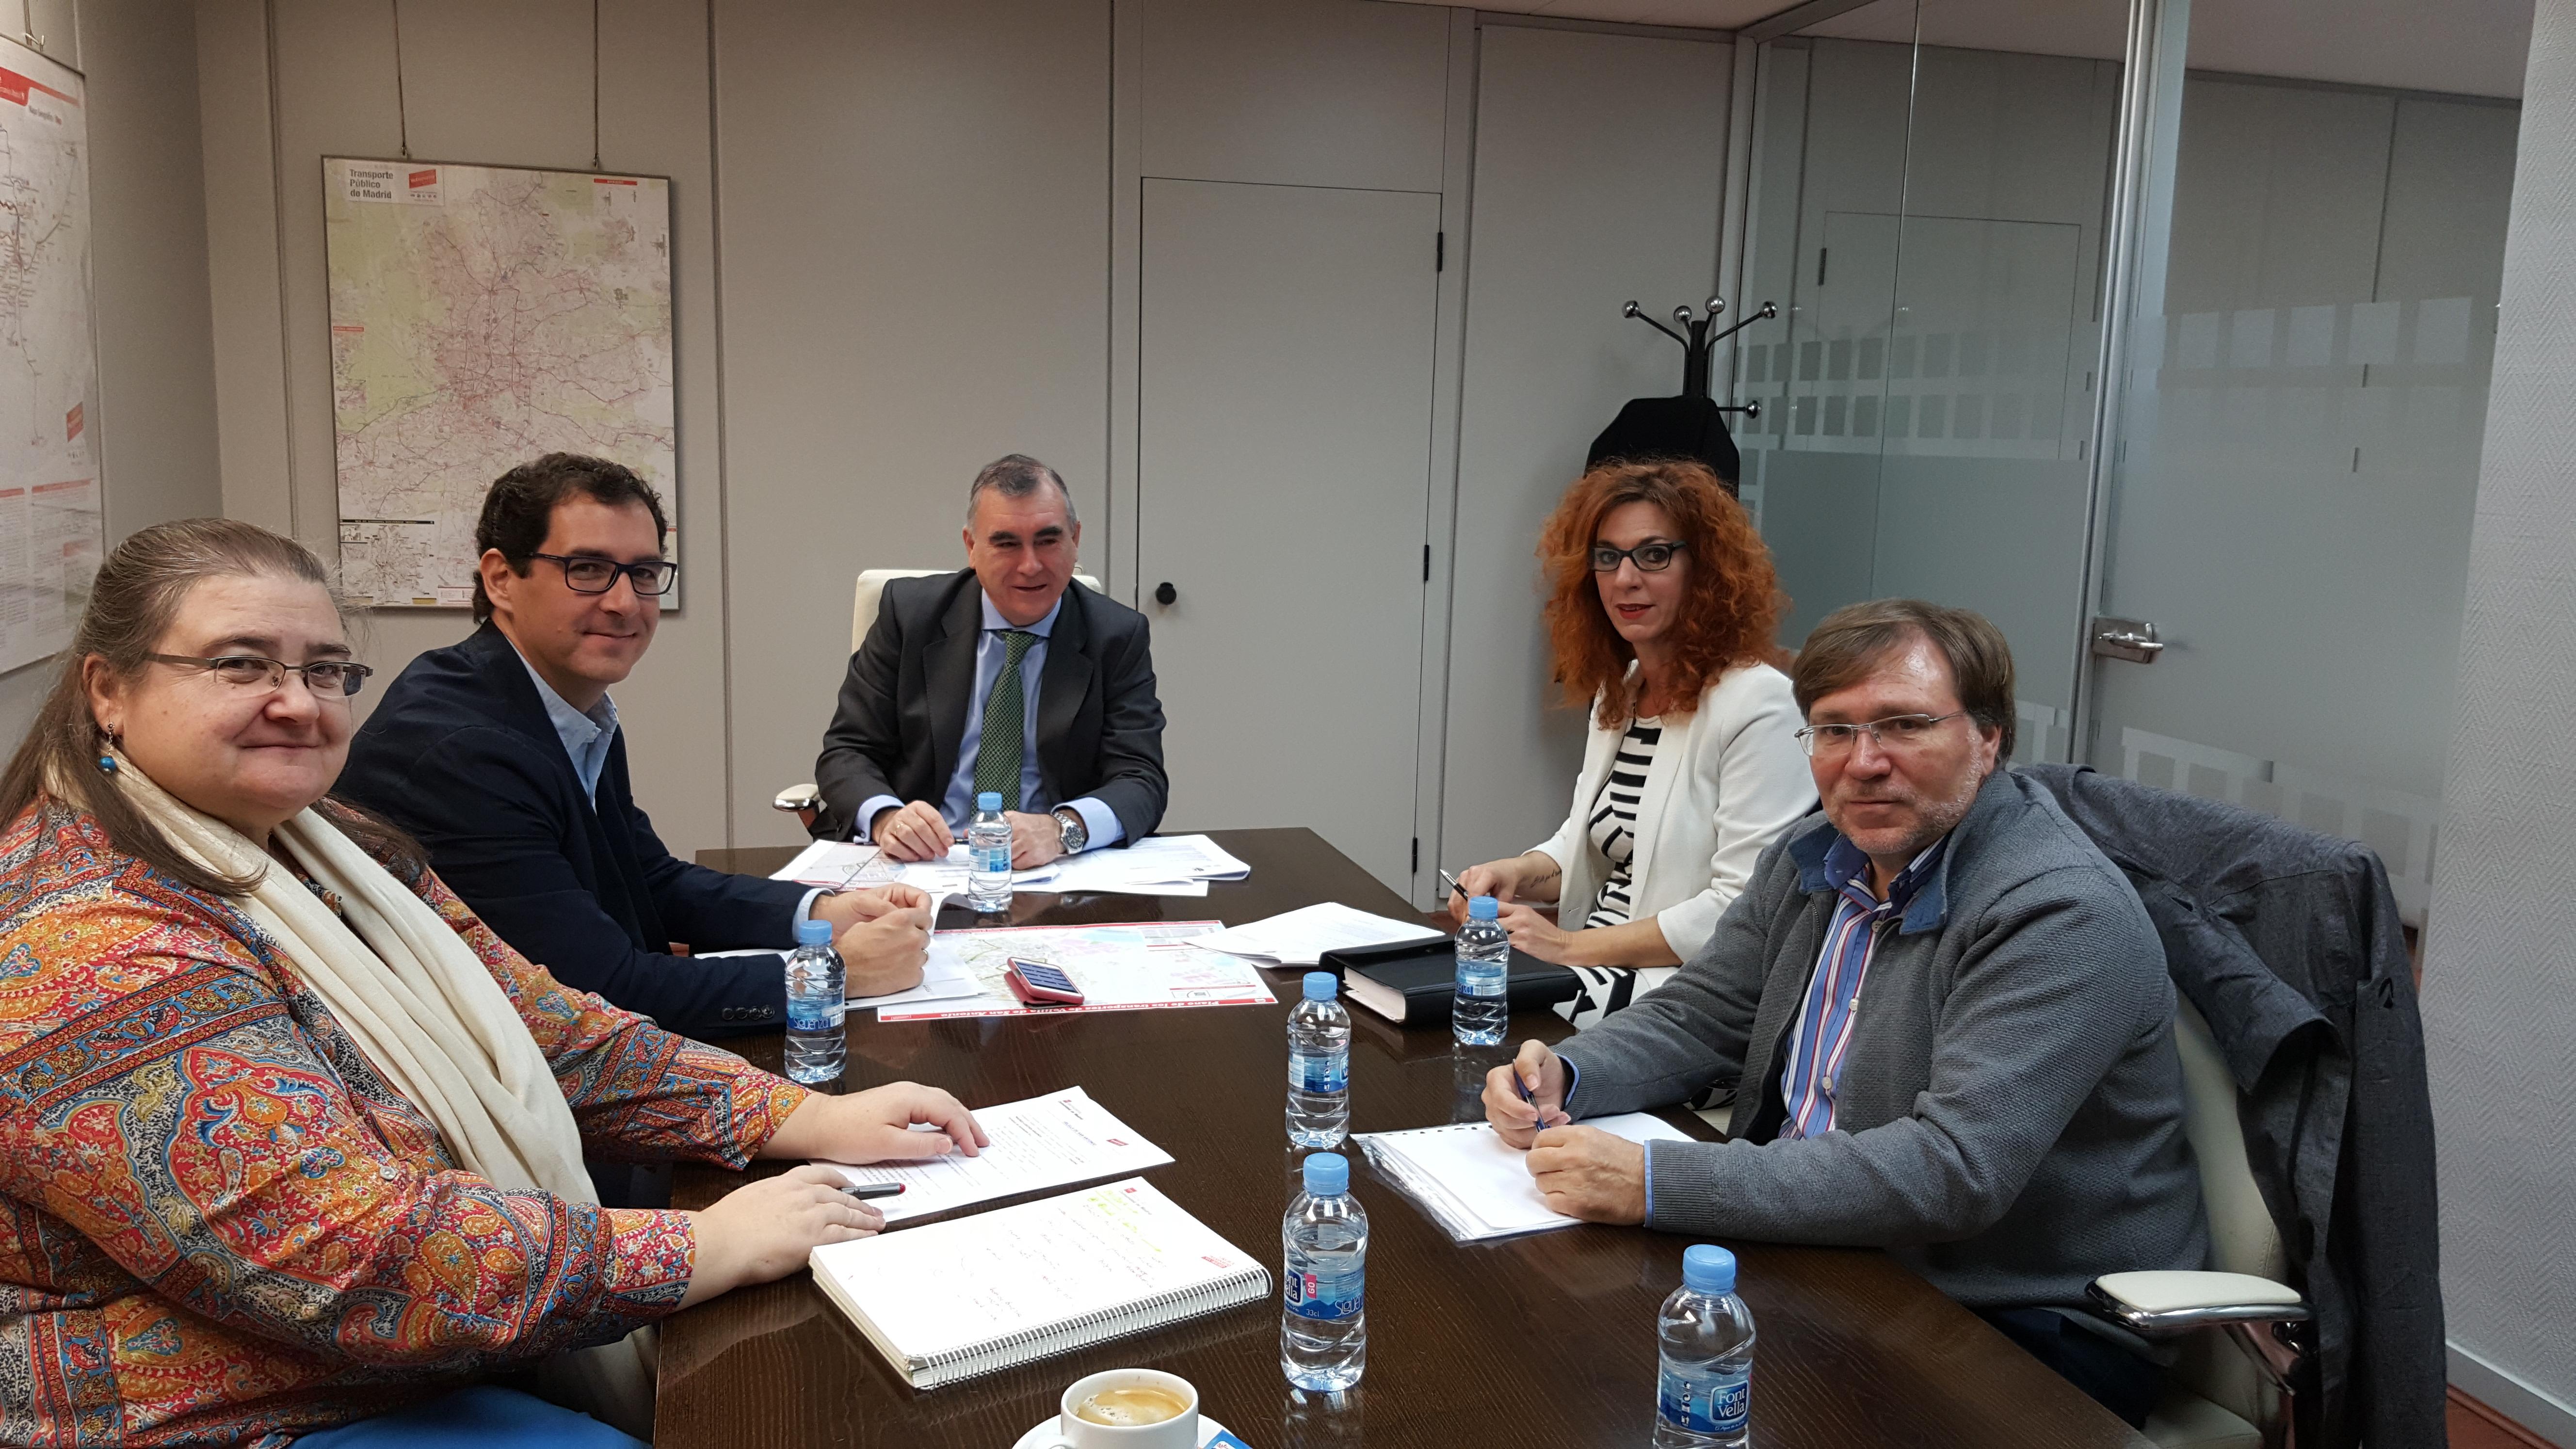 La Alcaldesa y el Concejal de Transportes se reúnen con el Gerente del Consorcio de Transportes